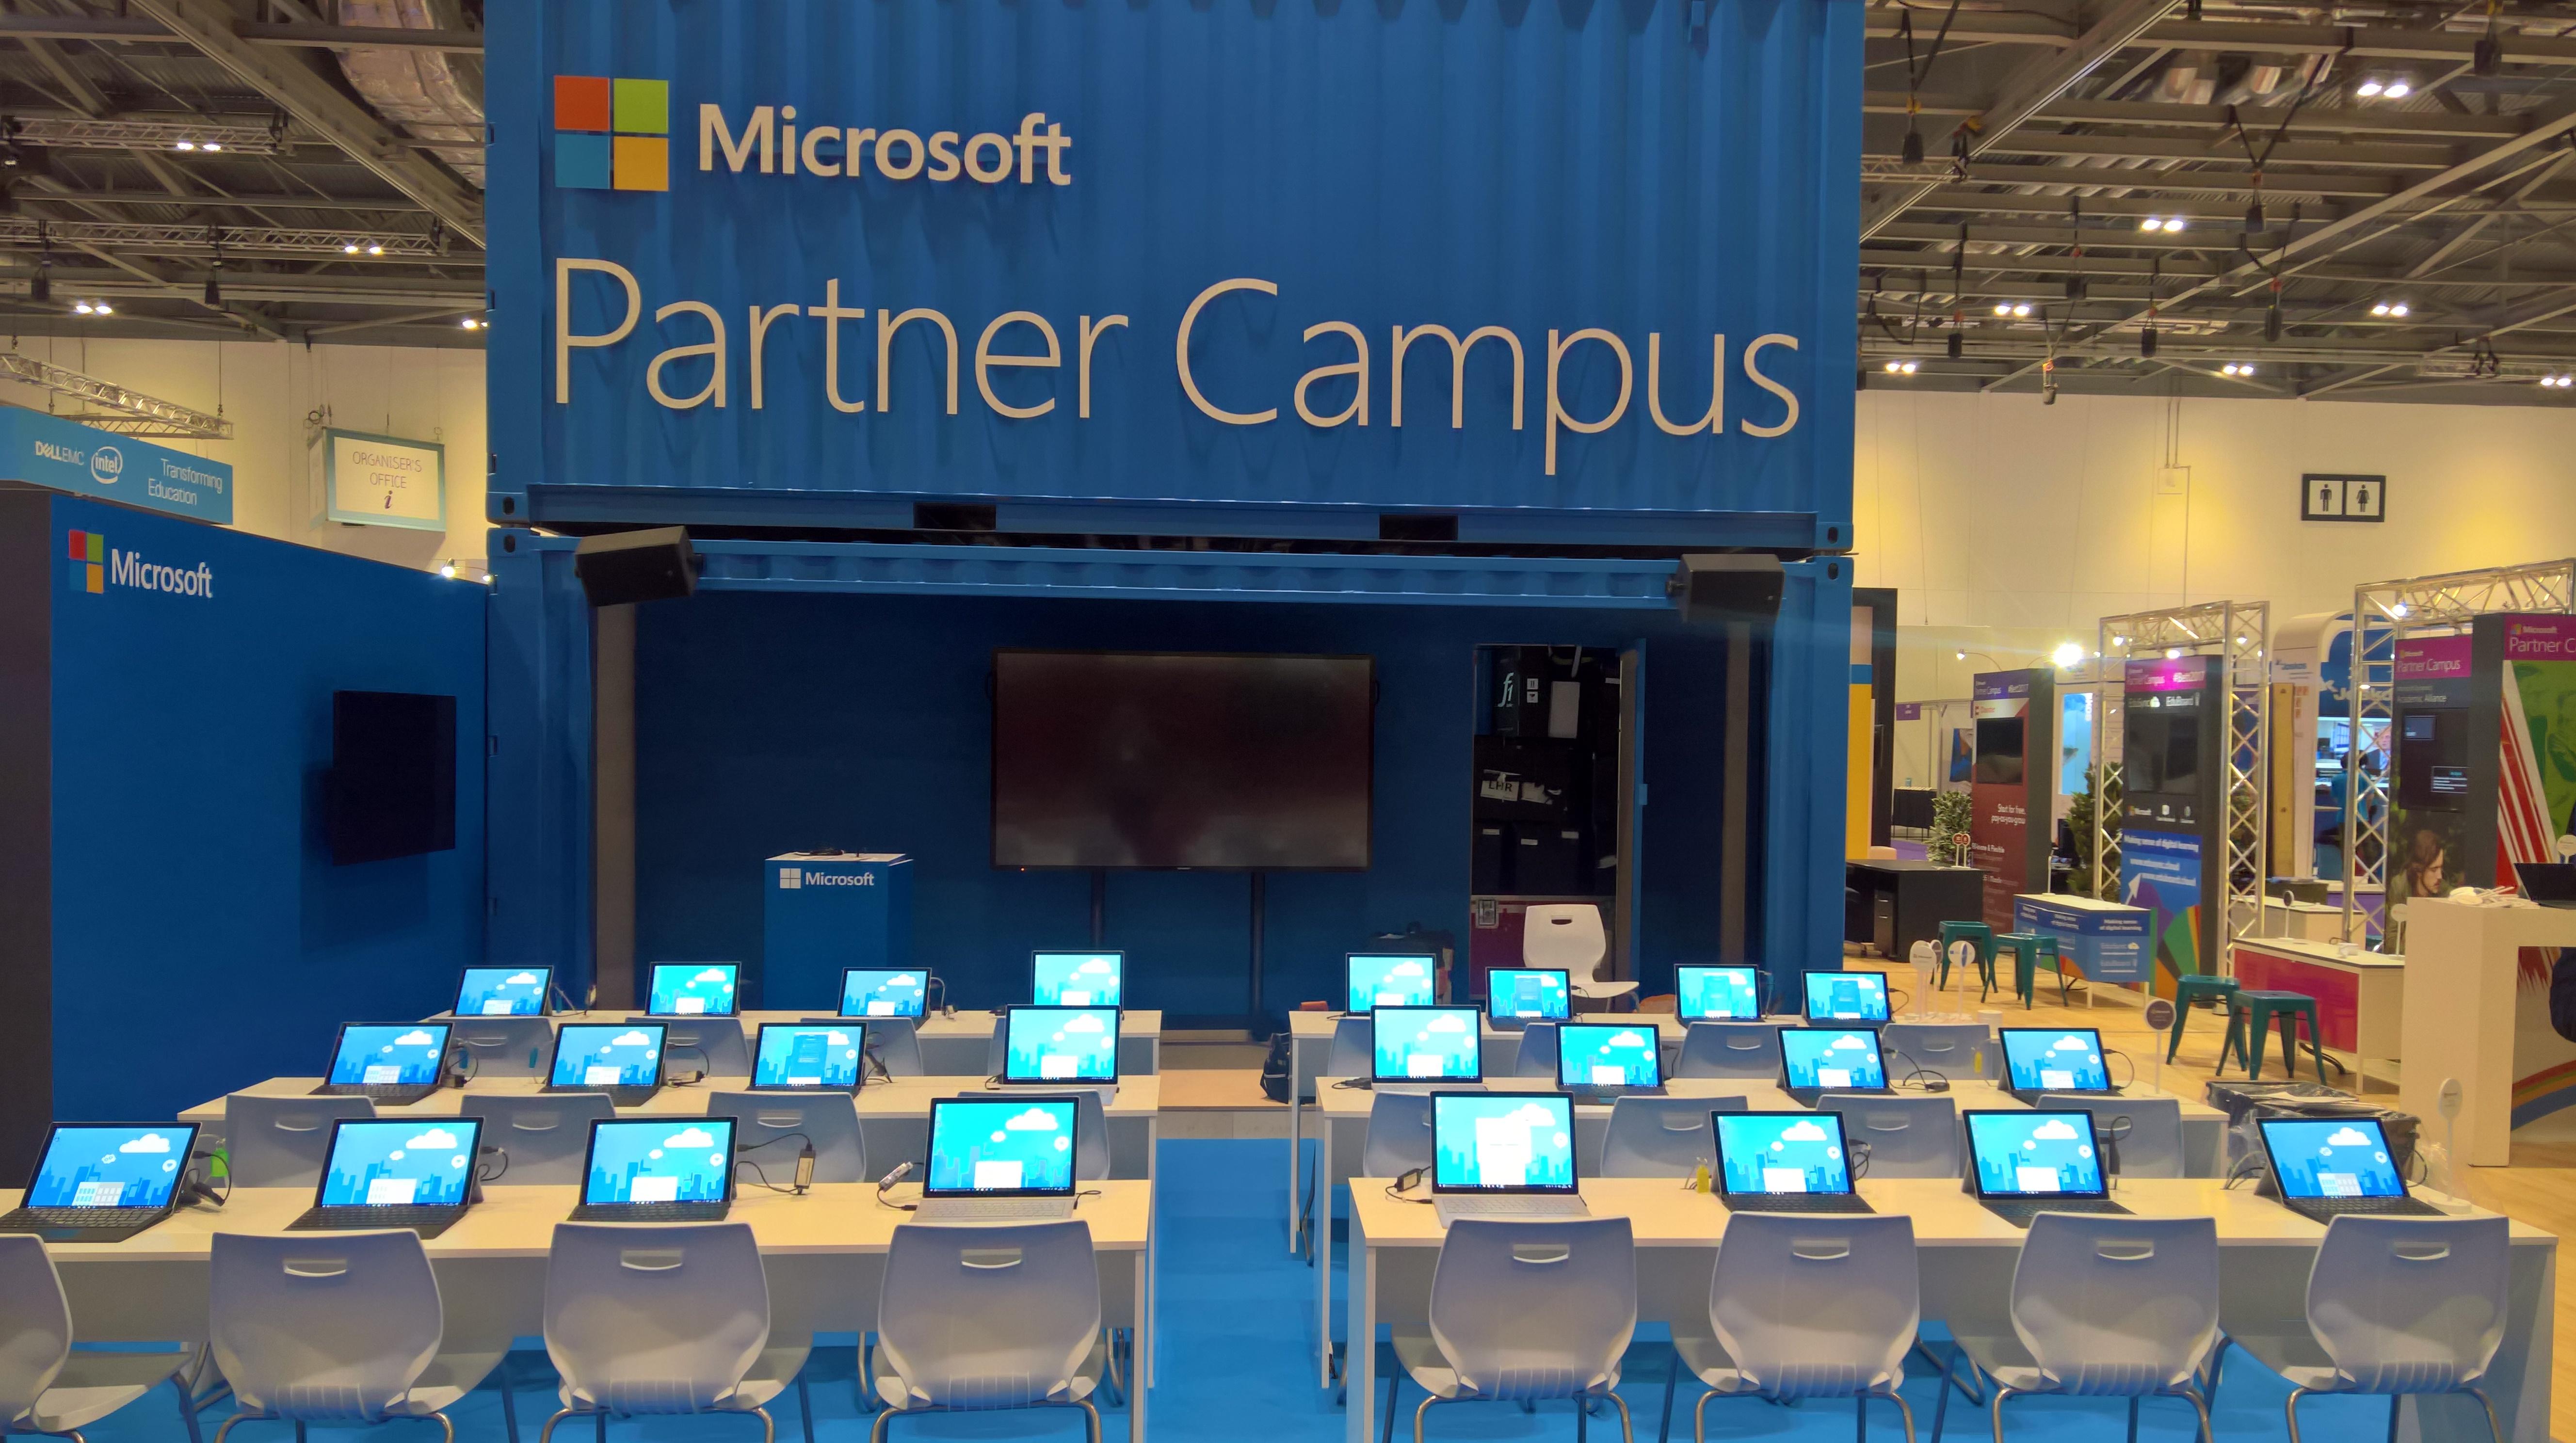 Microsoft's Partner Campus at BETT